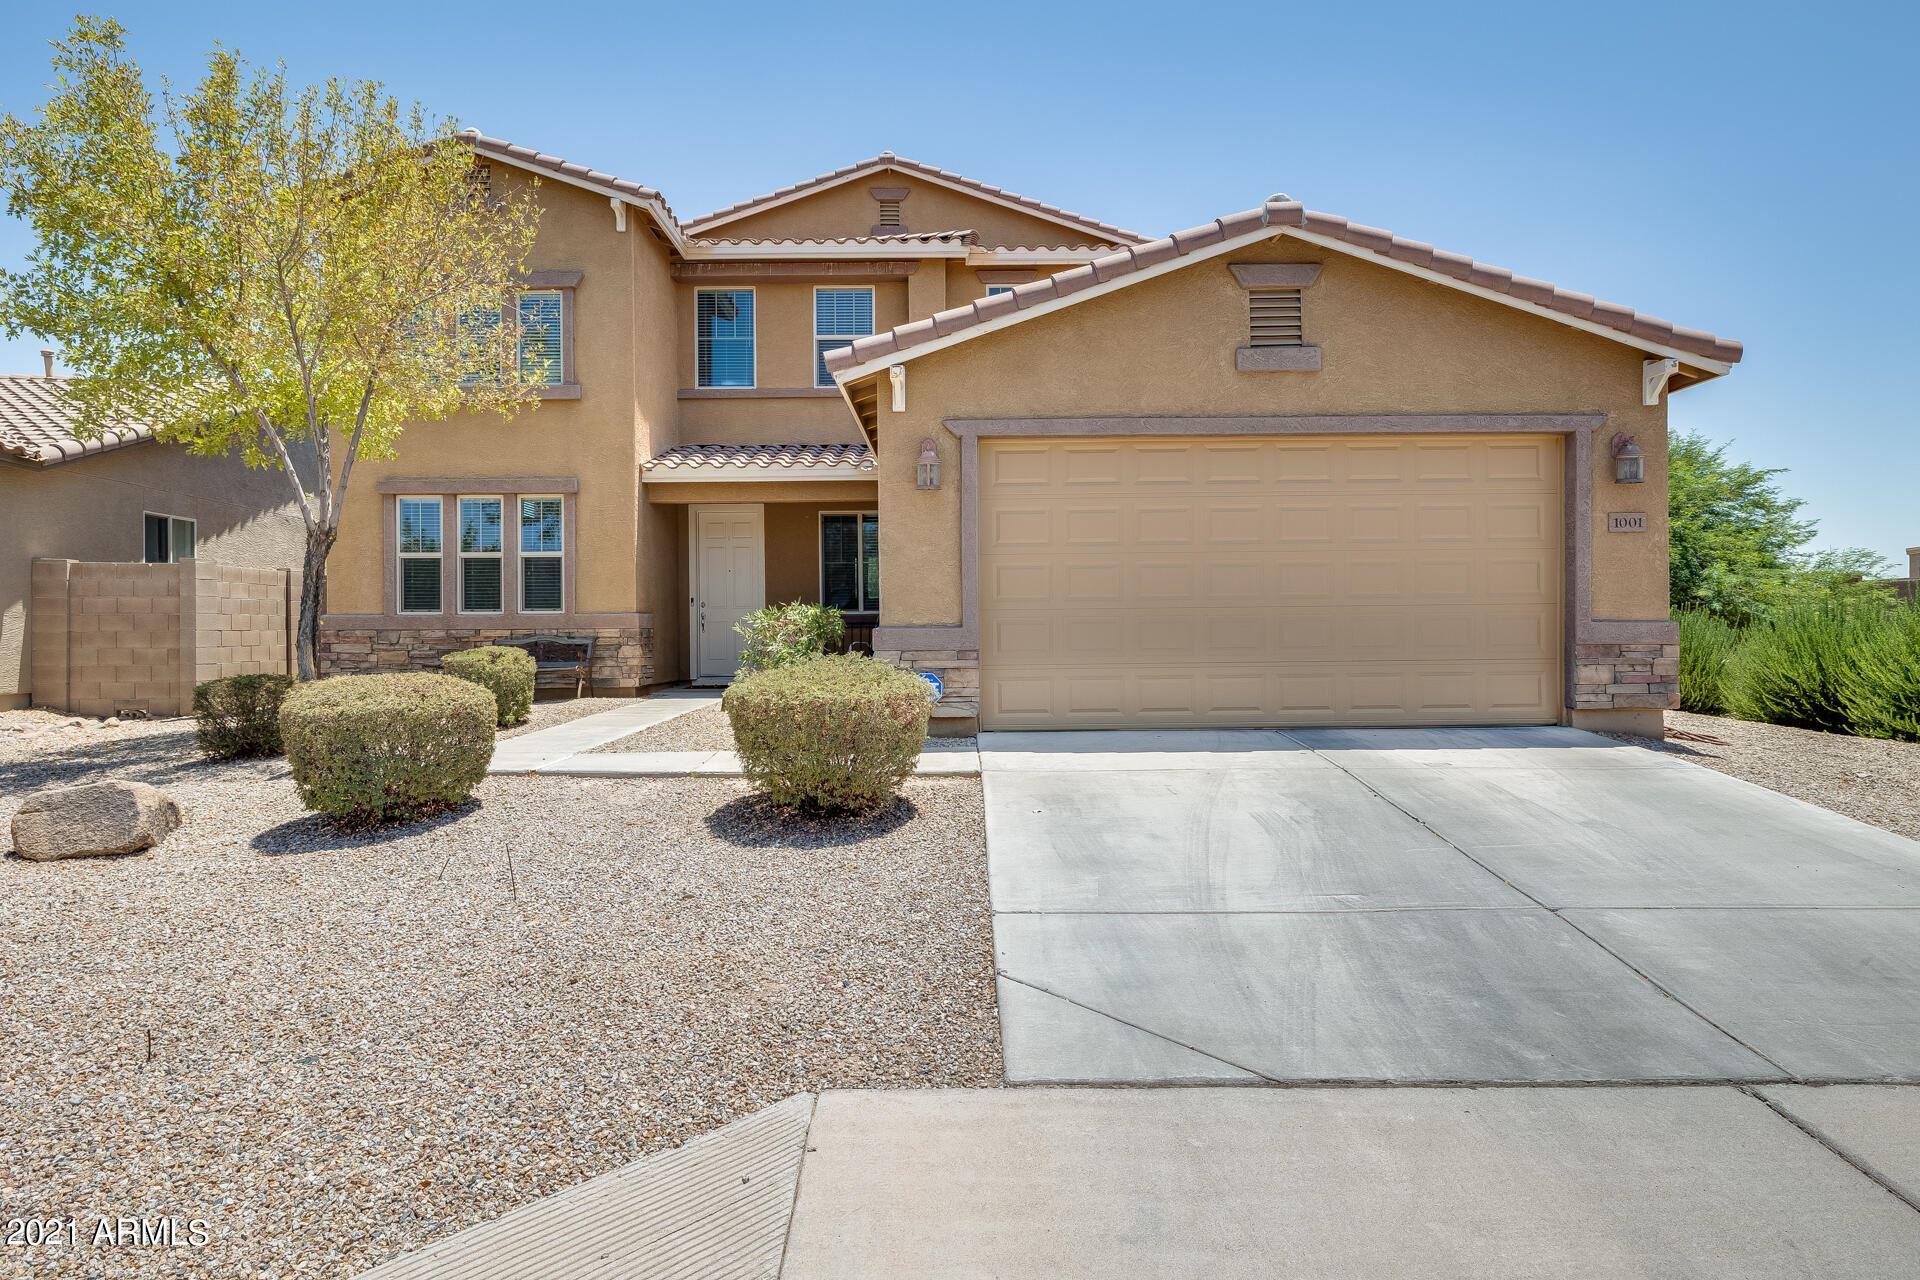 1001 E PASTURE CANYON Drive, San Tan Valley, AZ 85143 - MLS#: 6264965